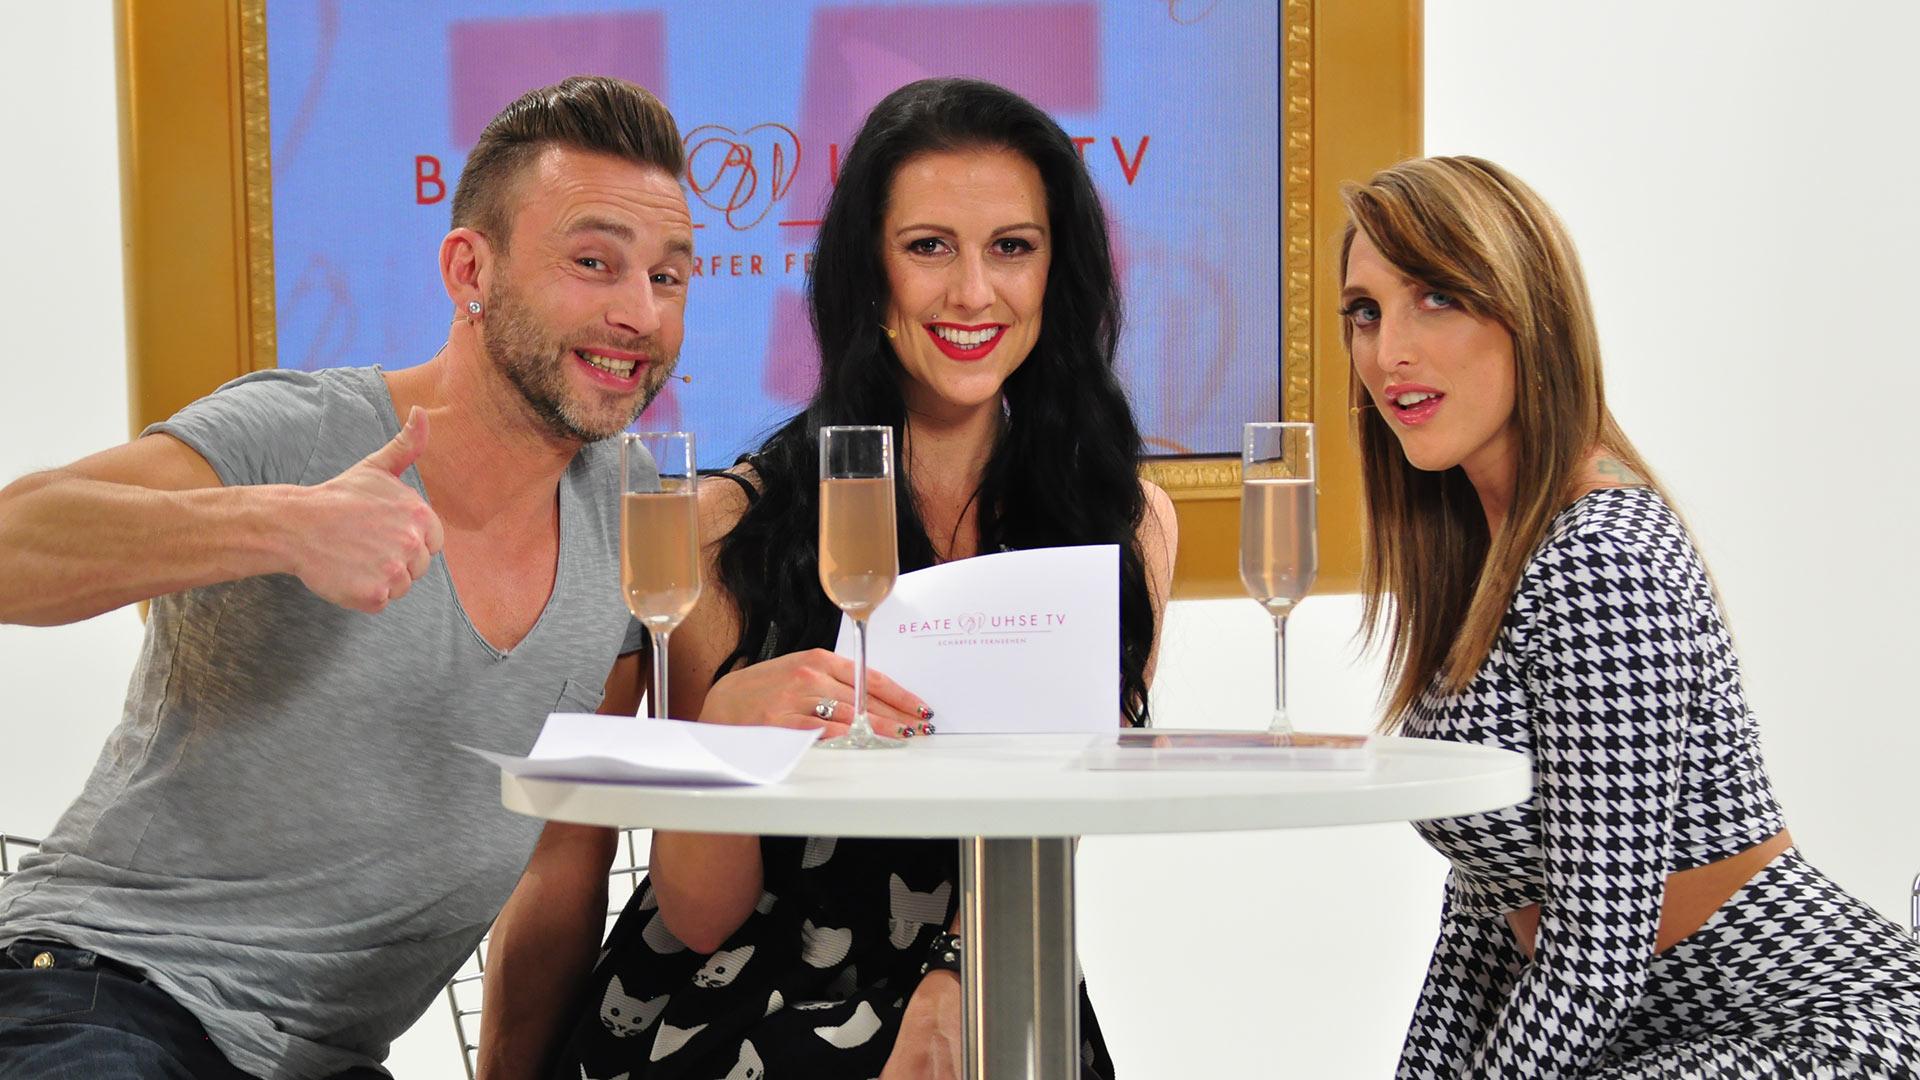 15 Jahre Beate-Uhse.TV Wissensdurst | Beate-Uhse.TV